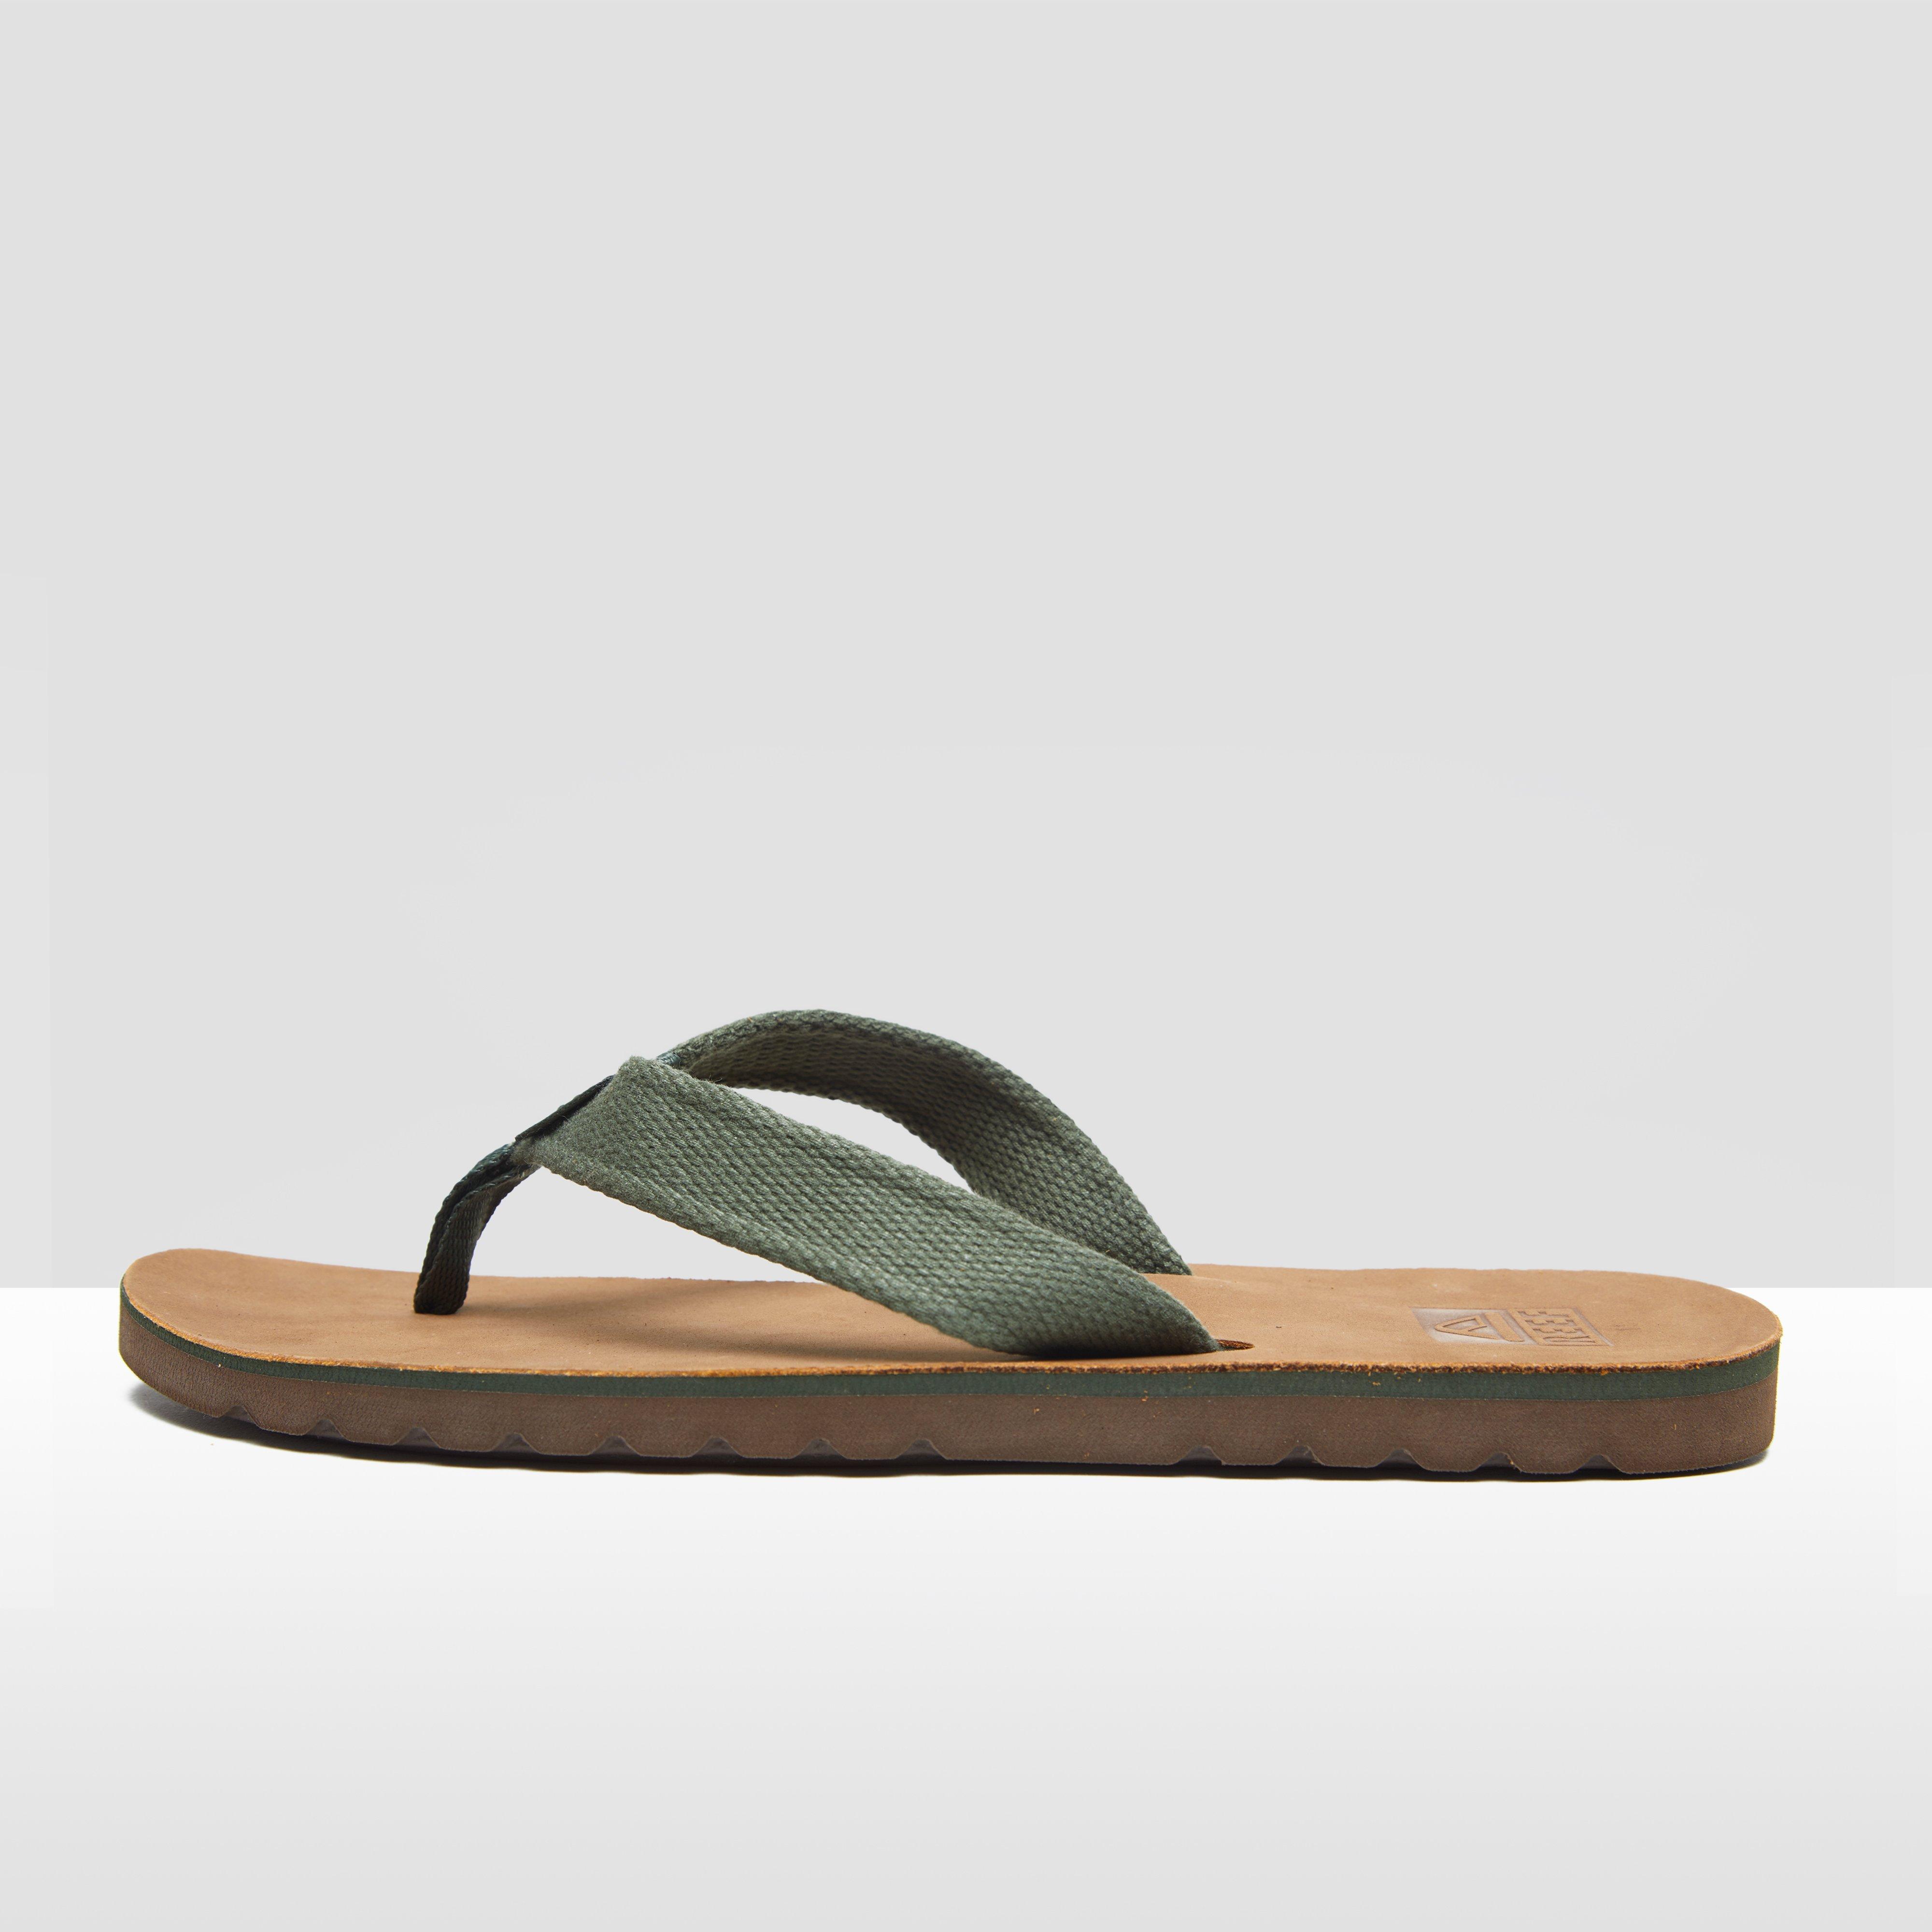 Chaussures De Récif Vert Pour Les Hommes Ikb4XNZq